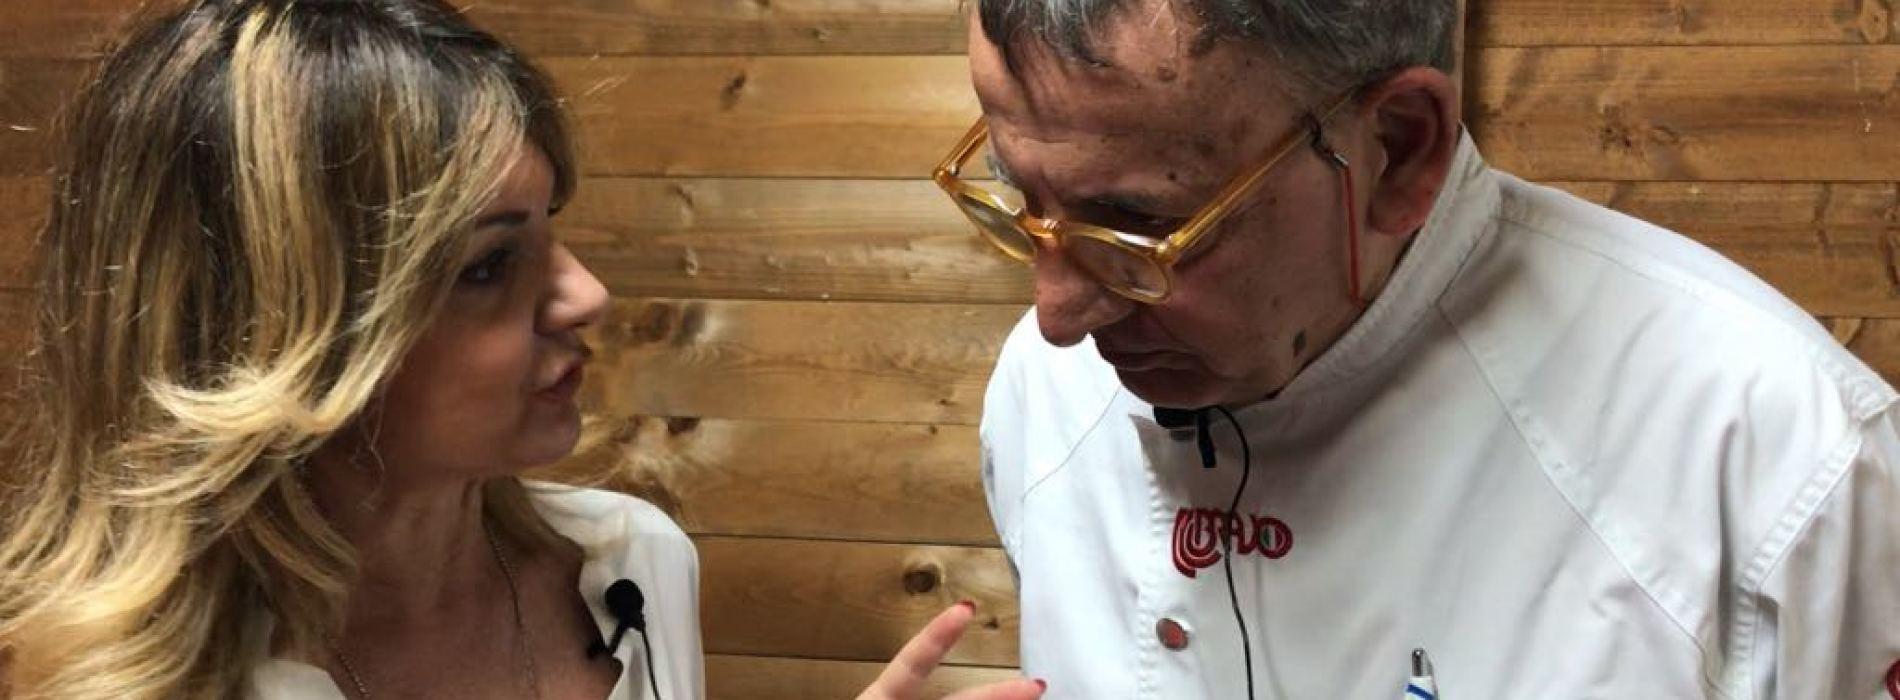 Festa del gelato artigianale a Caserta. Angelo Grasso, maestro gelatiere